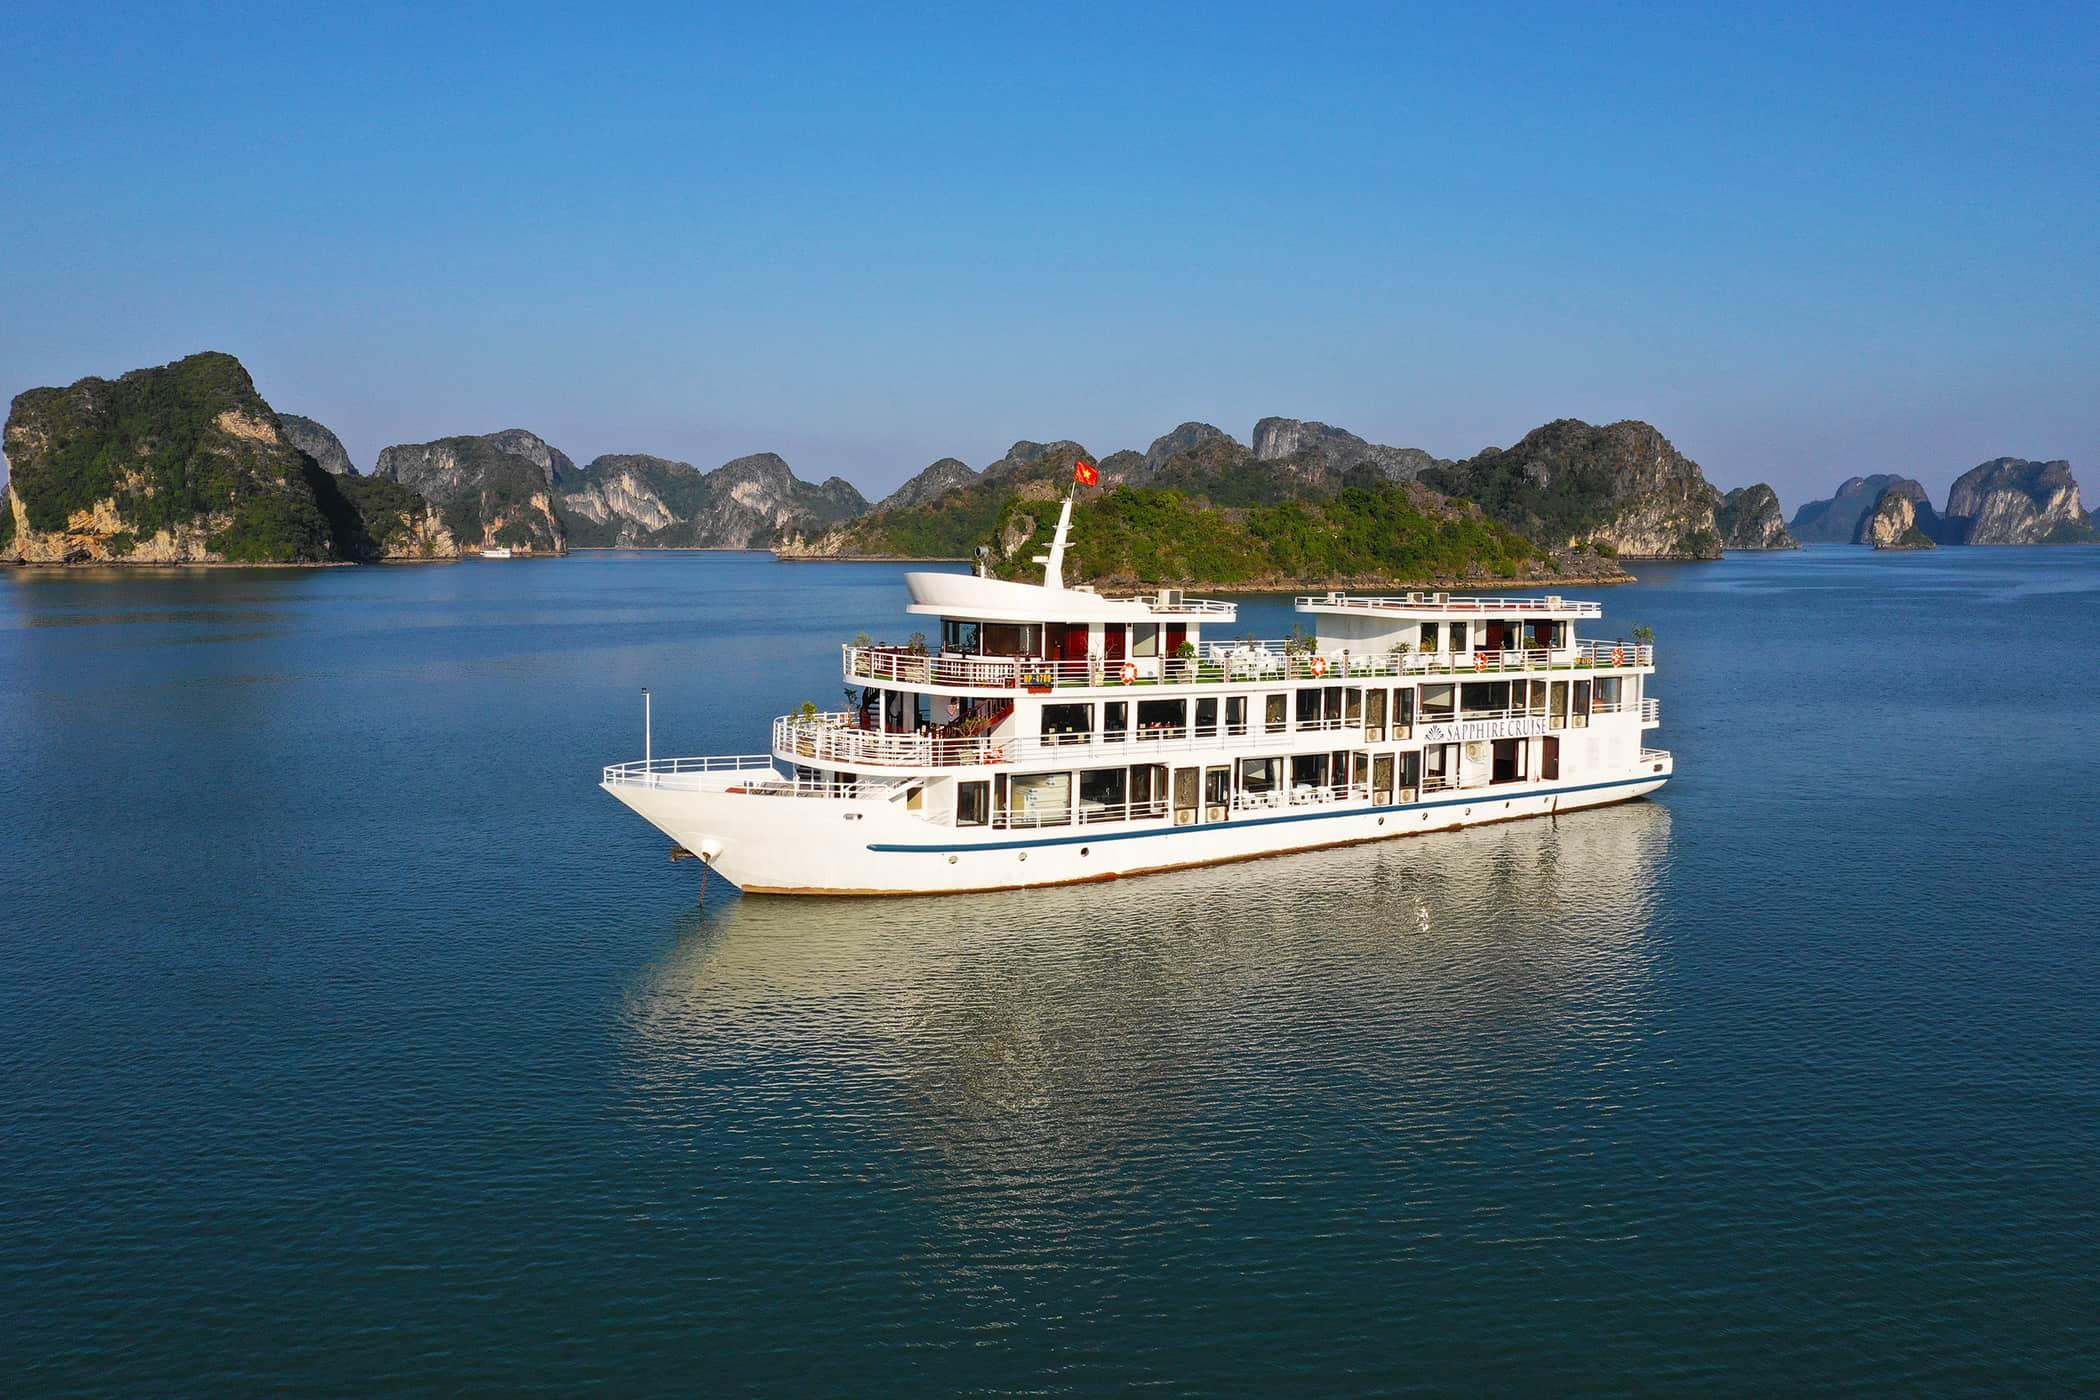 A White Cruise Ship on Dark Blue Water, Lan Ha Bay, Vietnam.